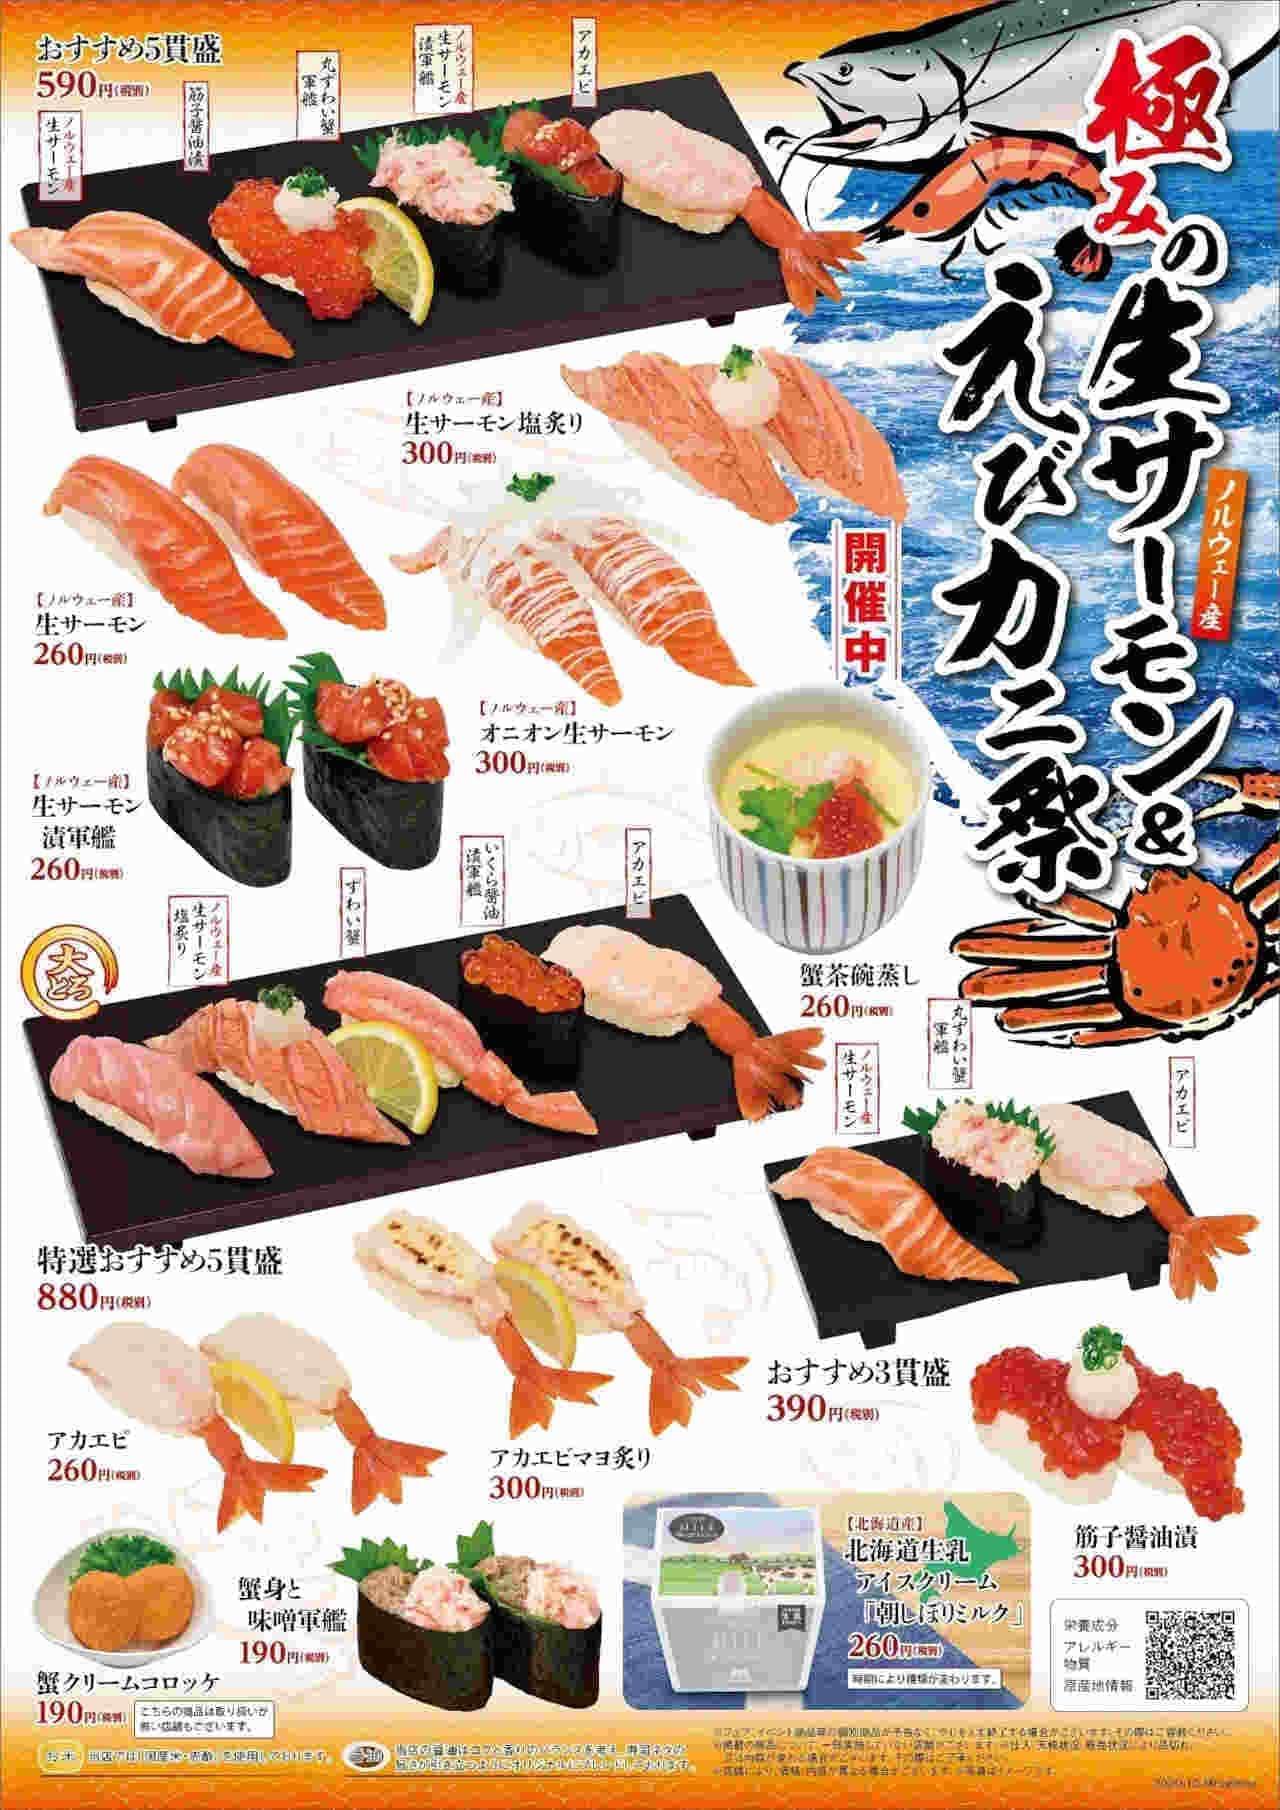 すし三崎丸で「極みの生サーモン&えびカニ祭」